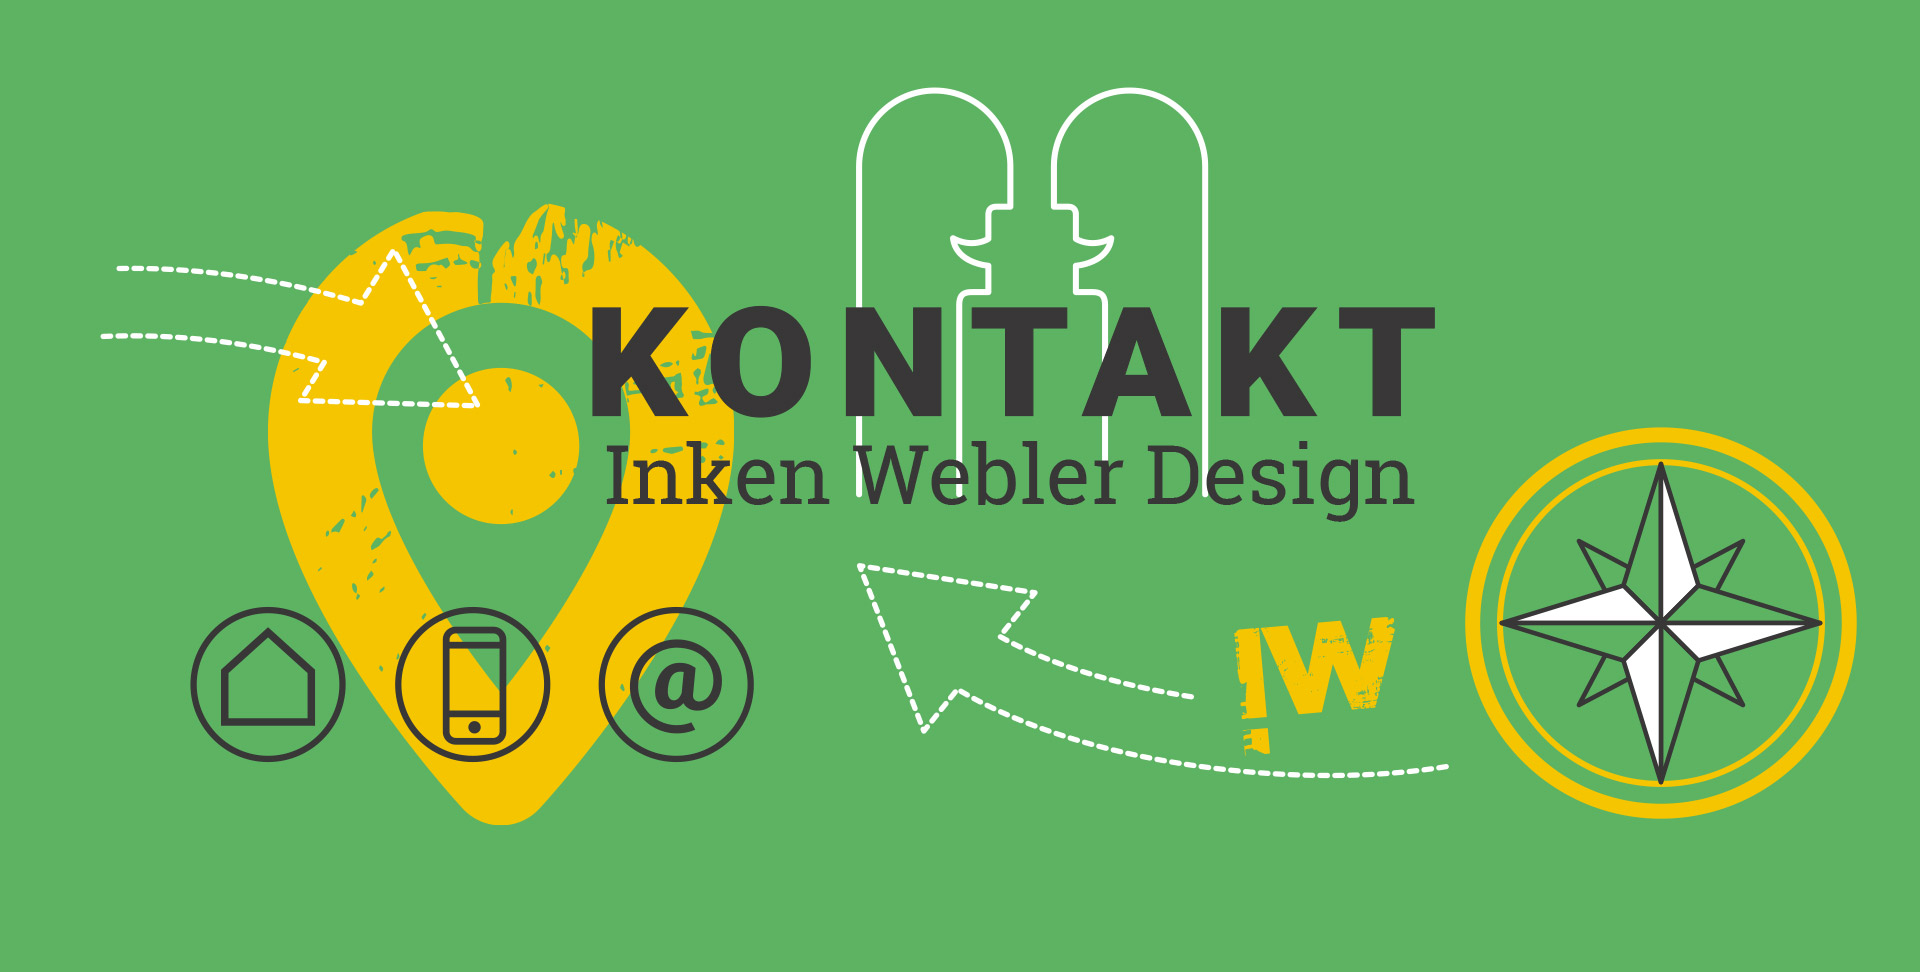 Schriftzug Kontakt Inken Webler Design, darunter zwei Männchen, die miteinander kommunizieren, Kontakt-Icons, eine Windrose, ein Standort-Icon und das Logo IW